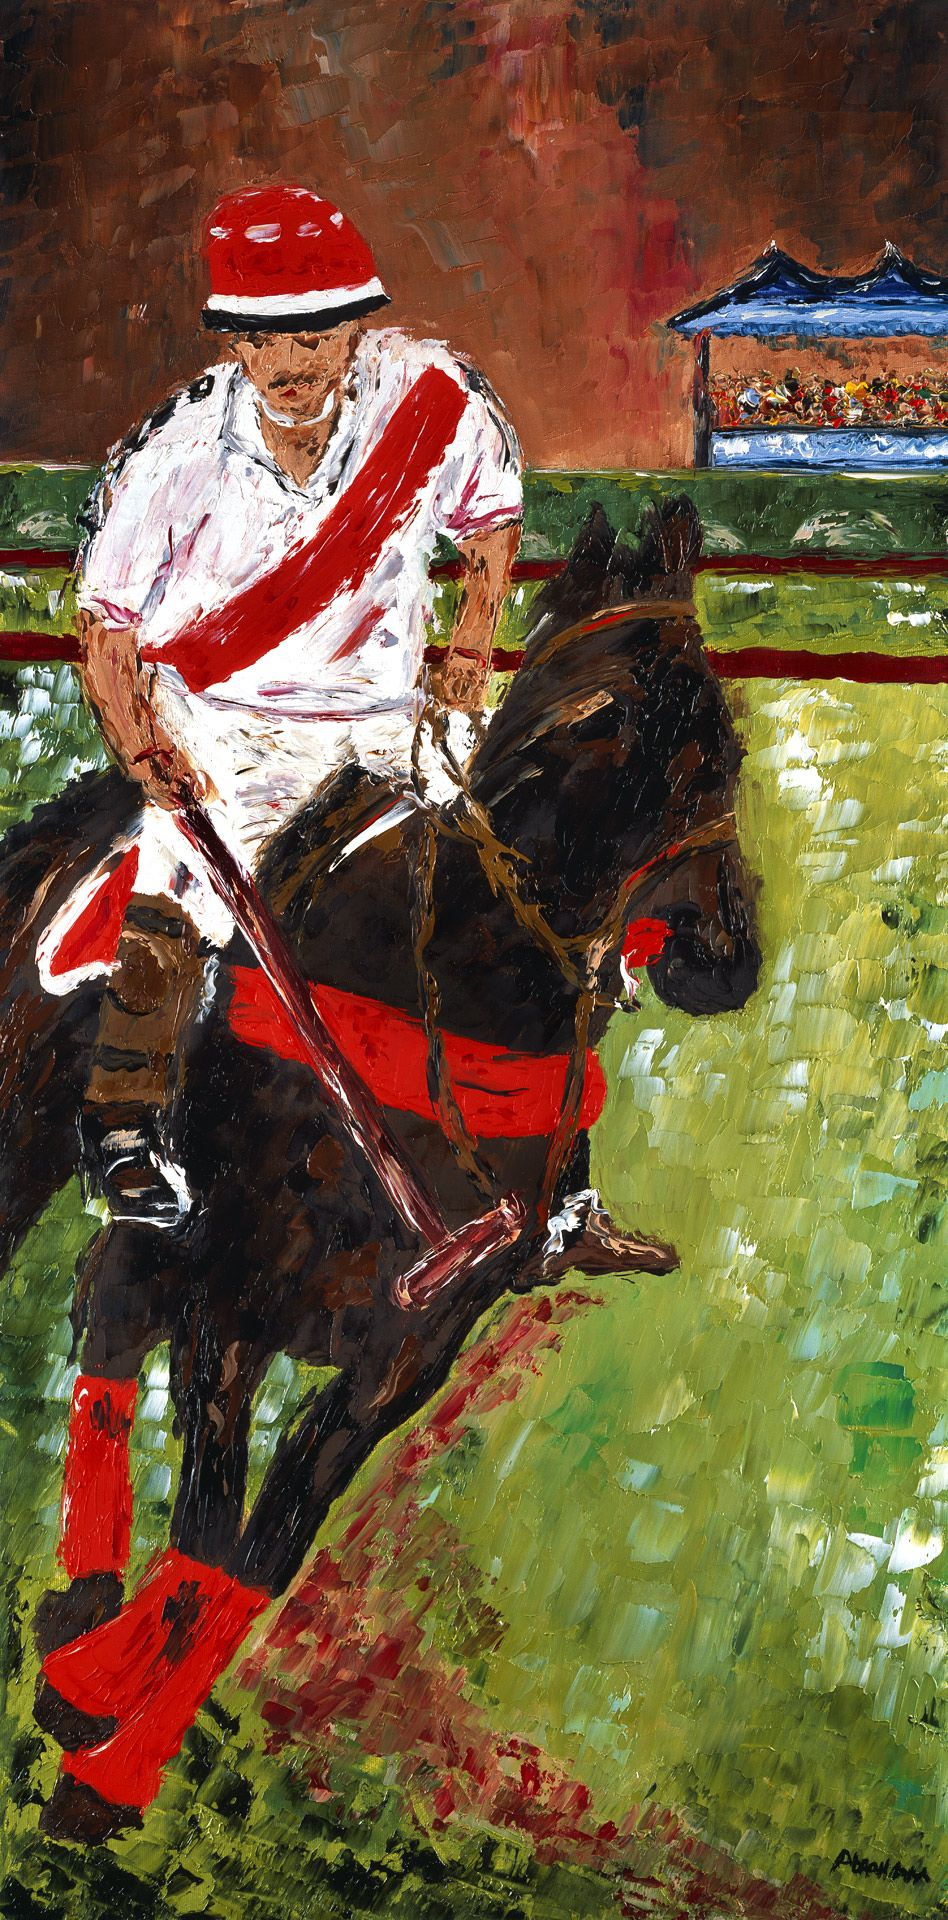 Polo Rider